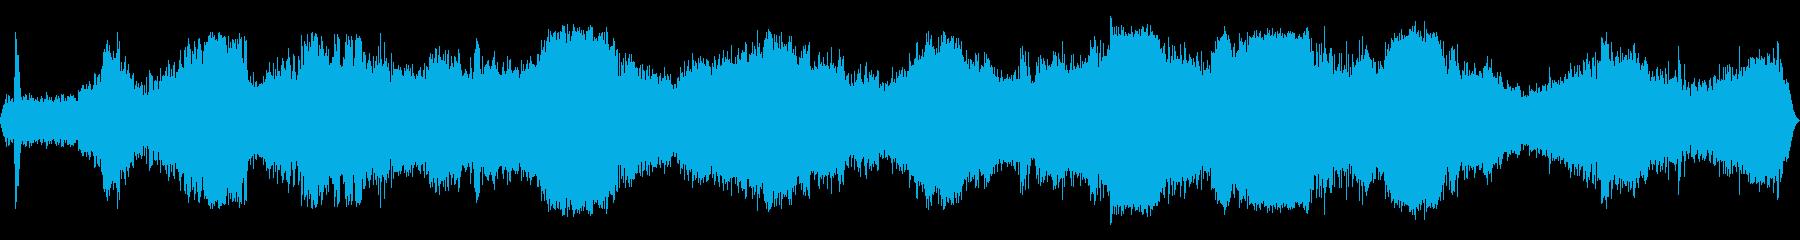 INT:加速、運転、激しいガチャガ...の再生済みの波形